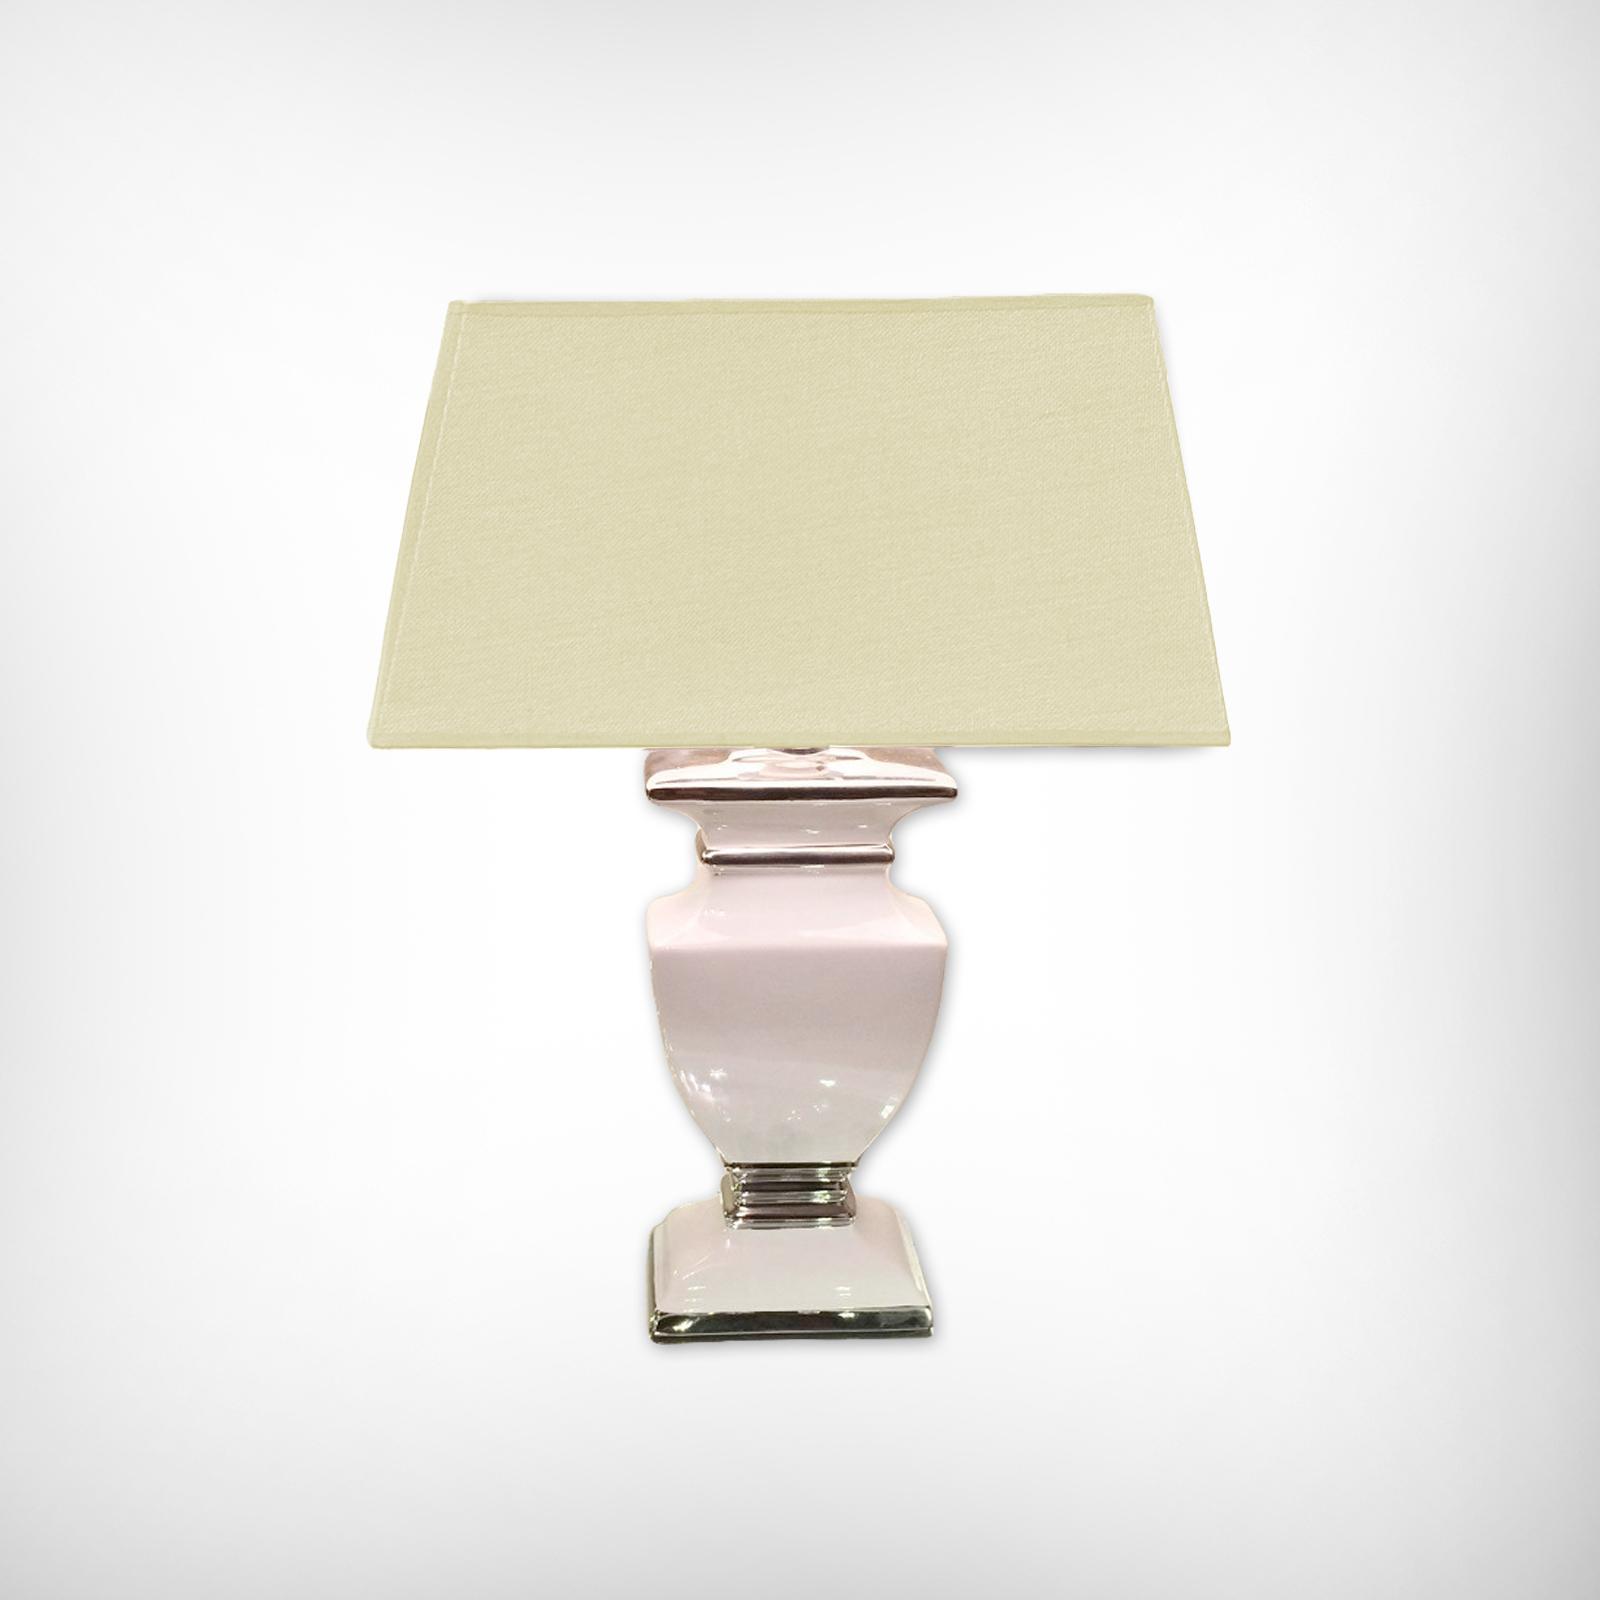 keramik lampen tischlampe tischleuchte keramiklampe lampe hochglanz shabby chic ebay. Black Bedroom Furniture Sets. Home Design Ideas